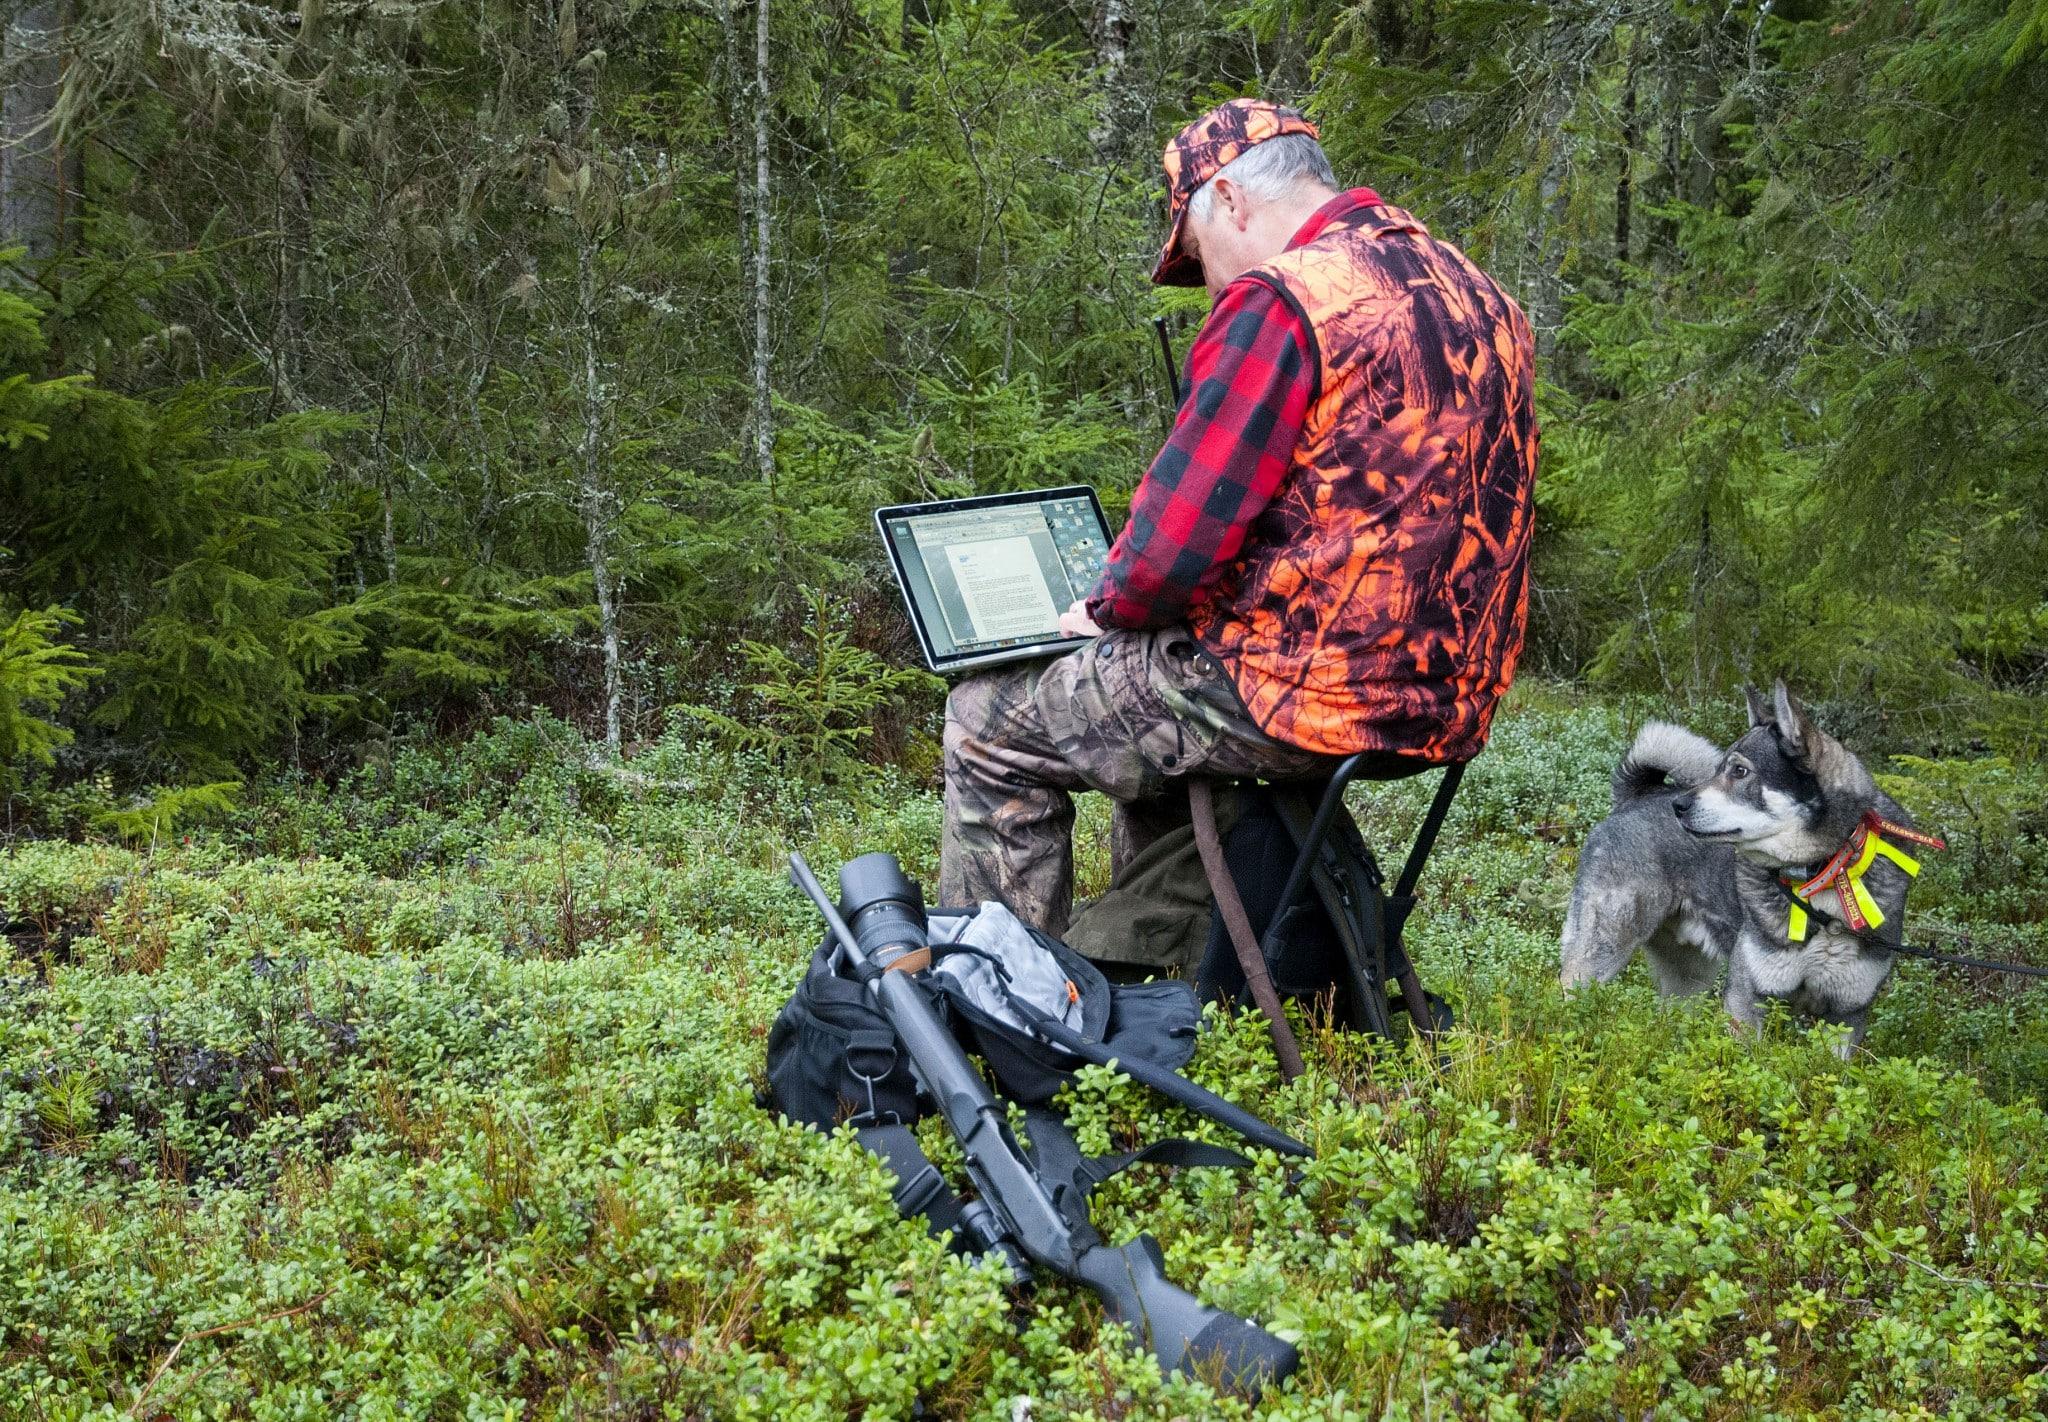 kan du journalistiken, tekniken och jakten? Då är du personen vi söker. Foto: Jan Henricson